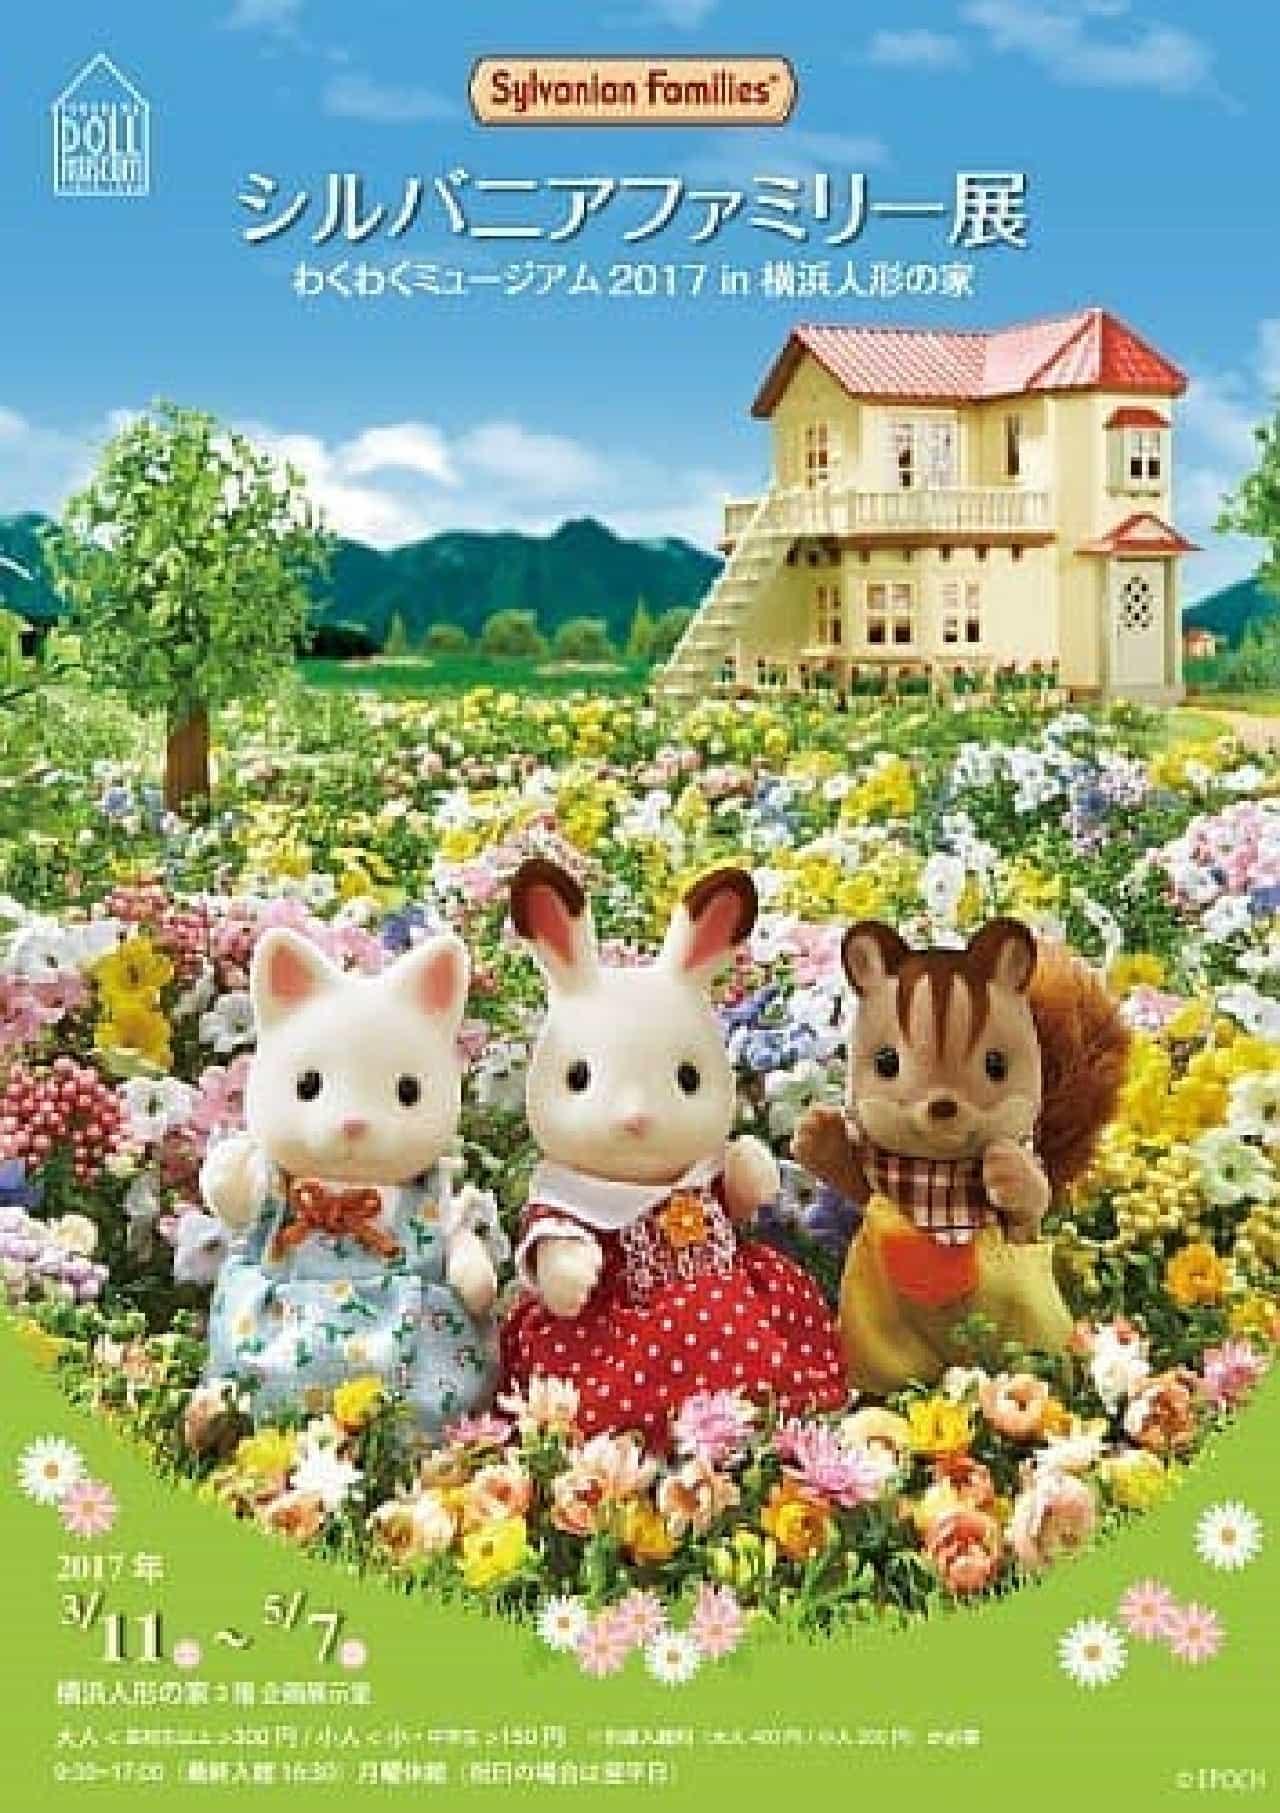 横浜人形の家「シルバニアファミリー展 わくわくミュージアム2017 in横浜人形の家」